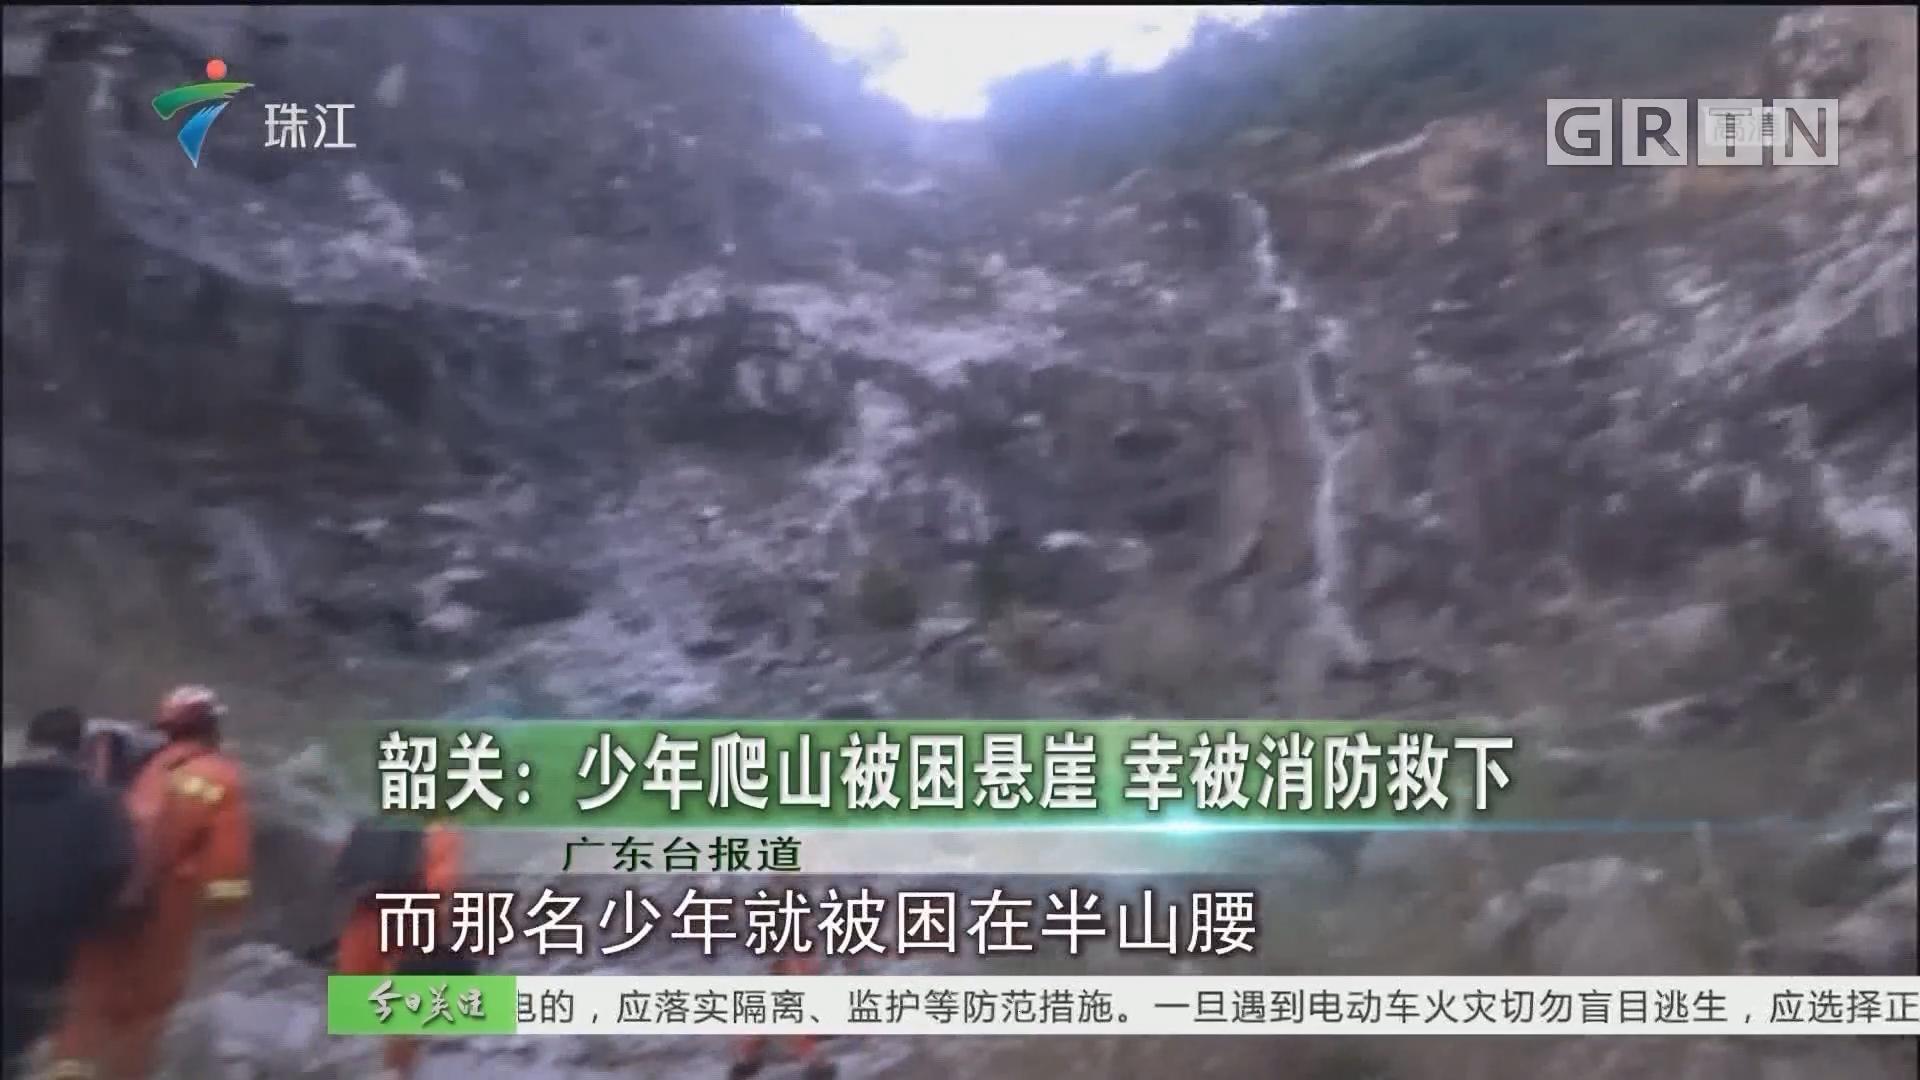 韶关:少年爬山被困悬崖 幸被消防救下